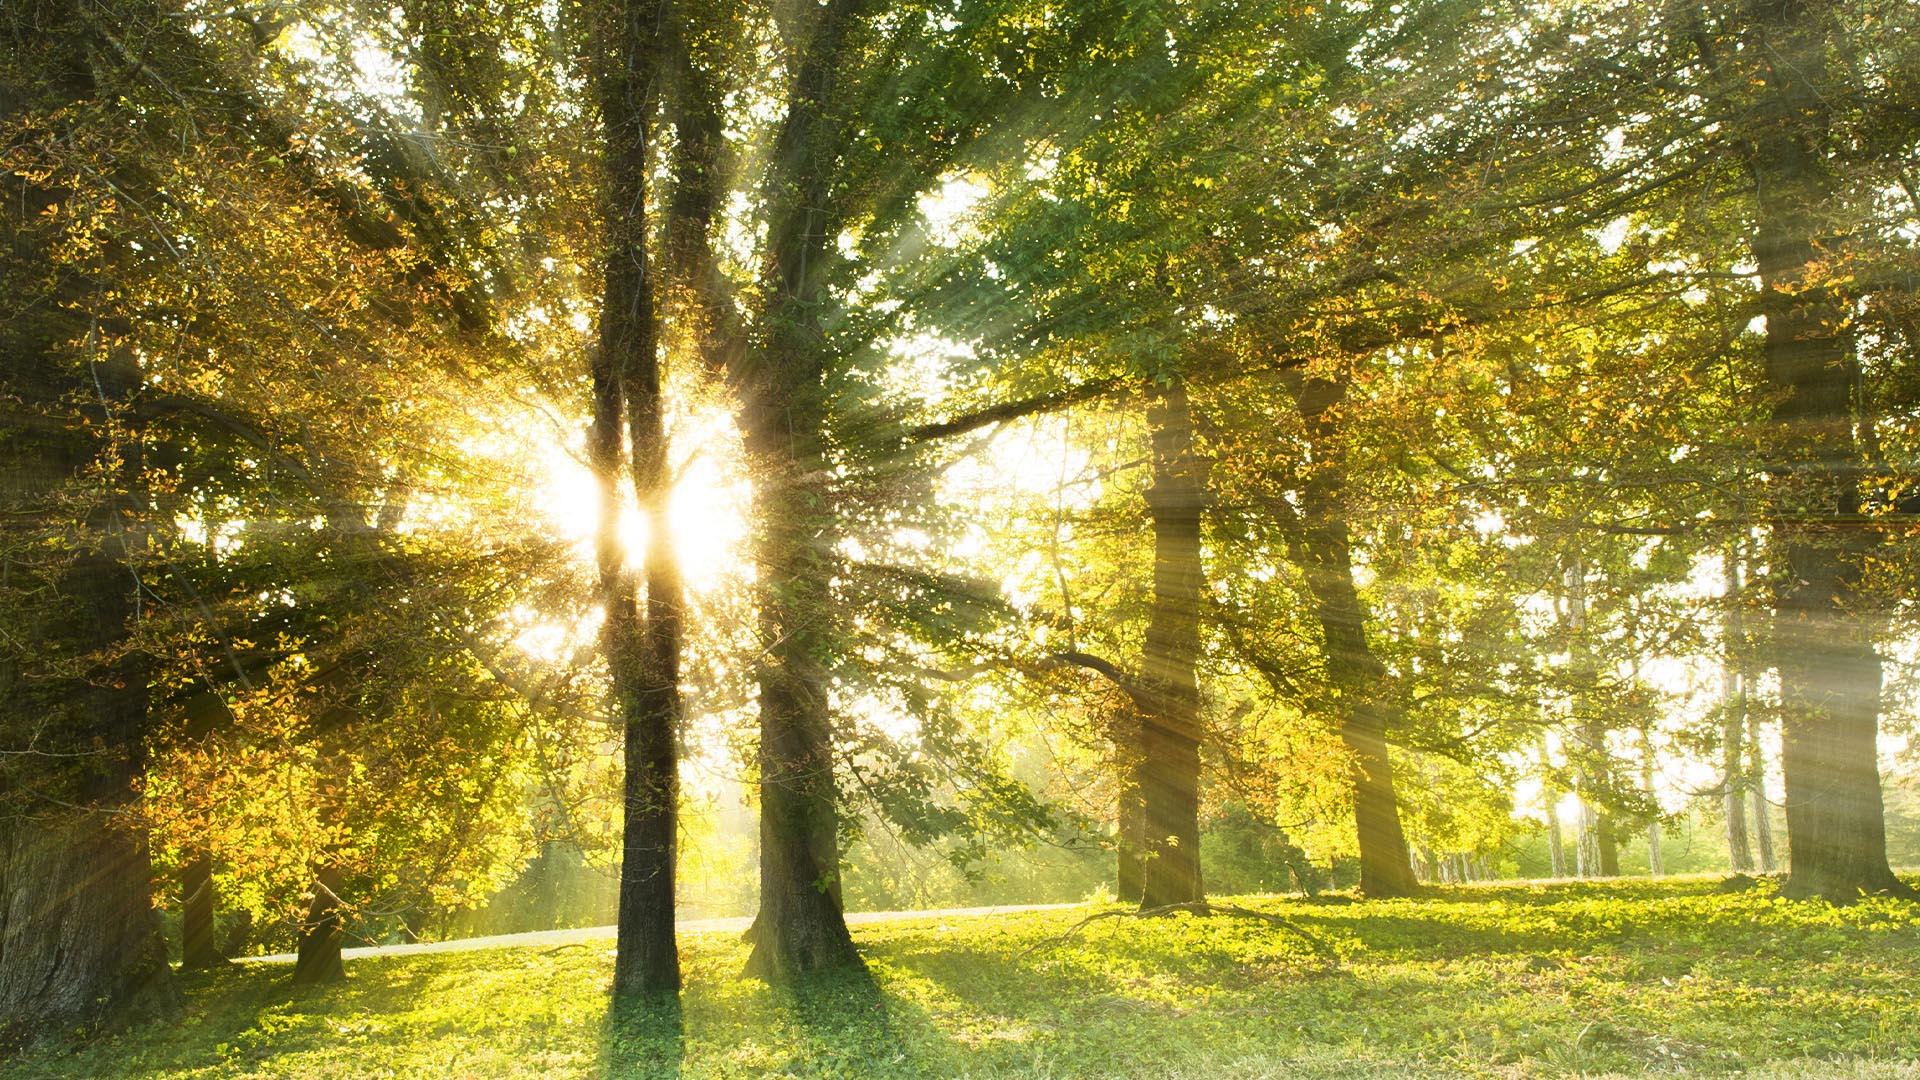 Grünflächen fördern unsere Gesundheit